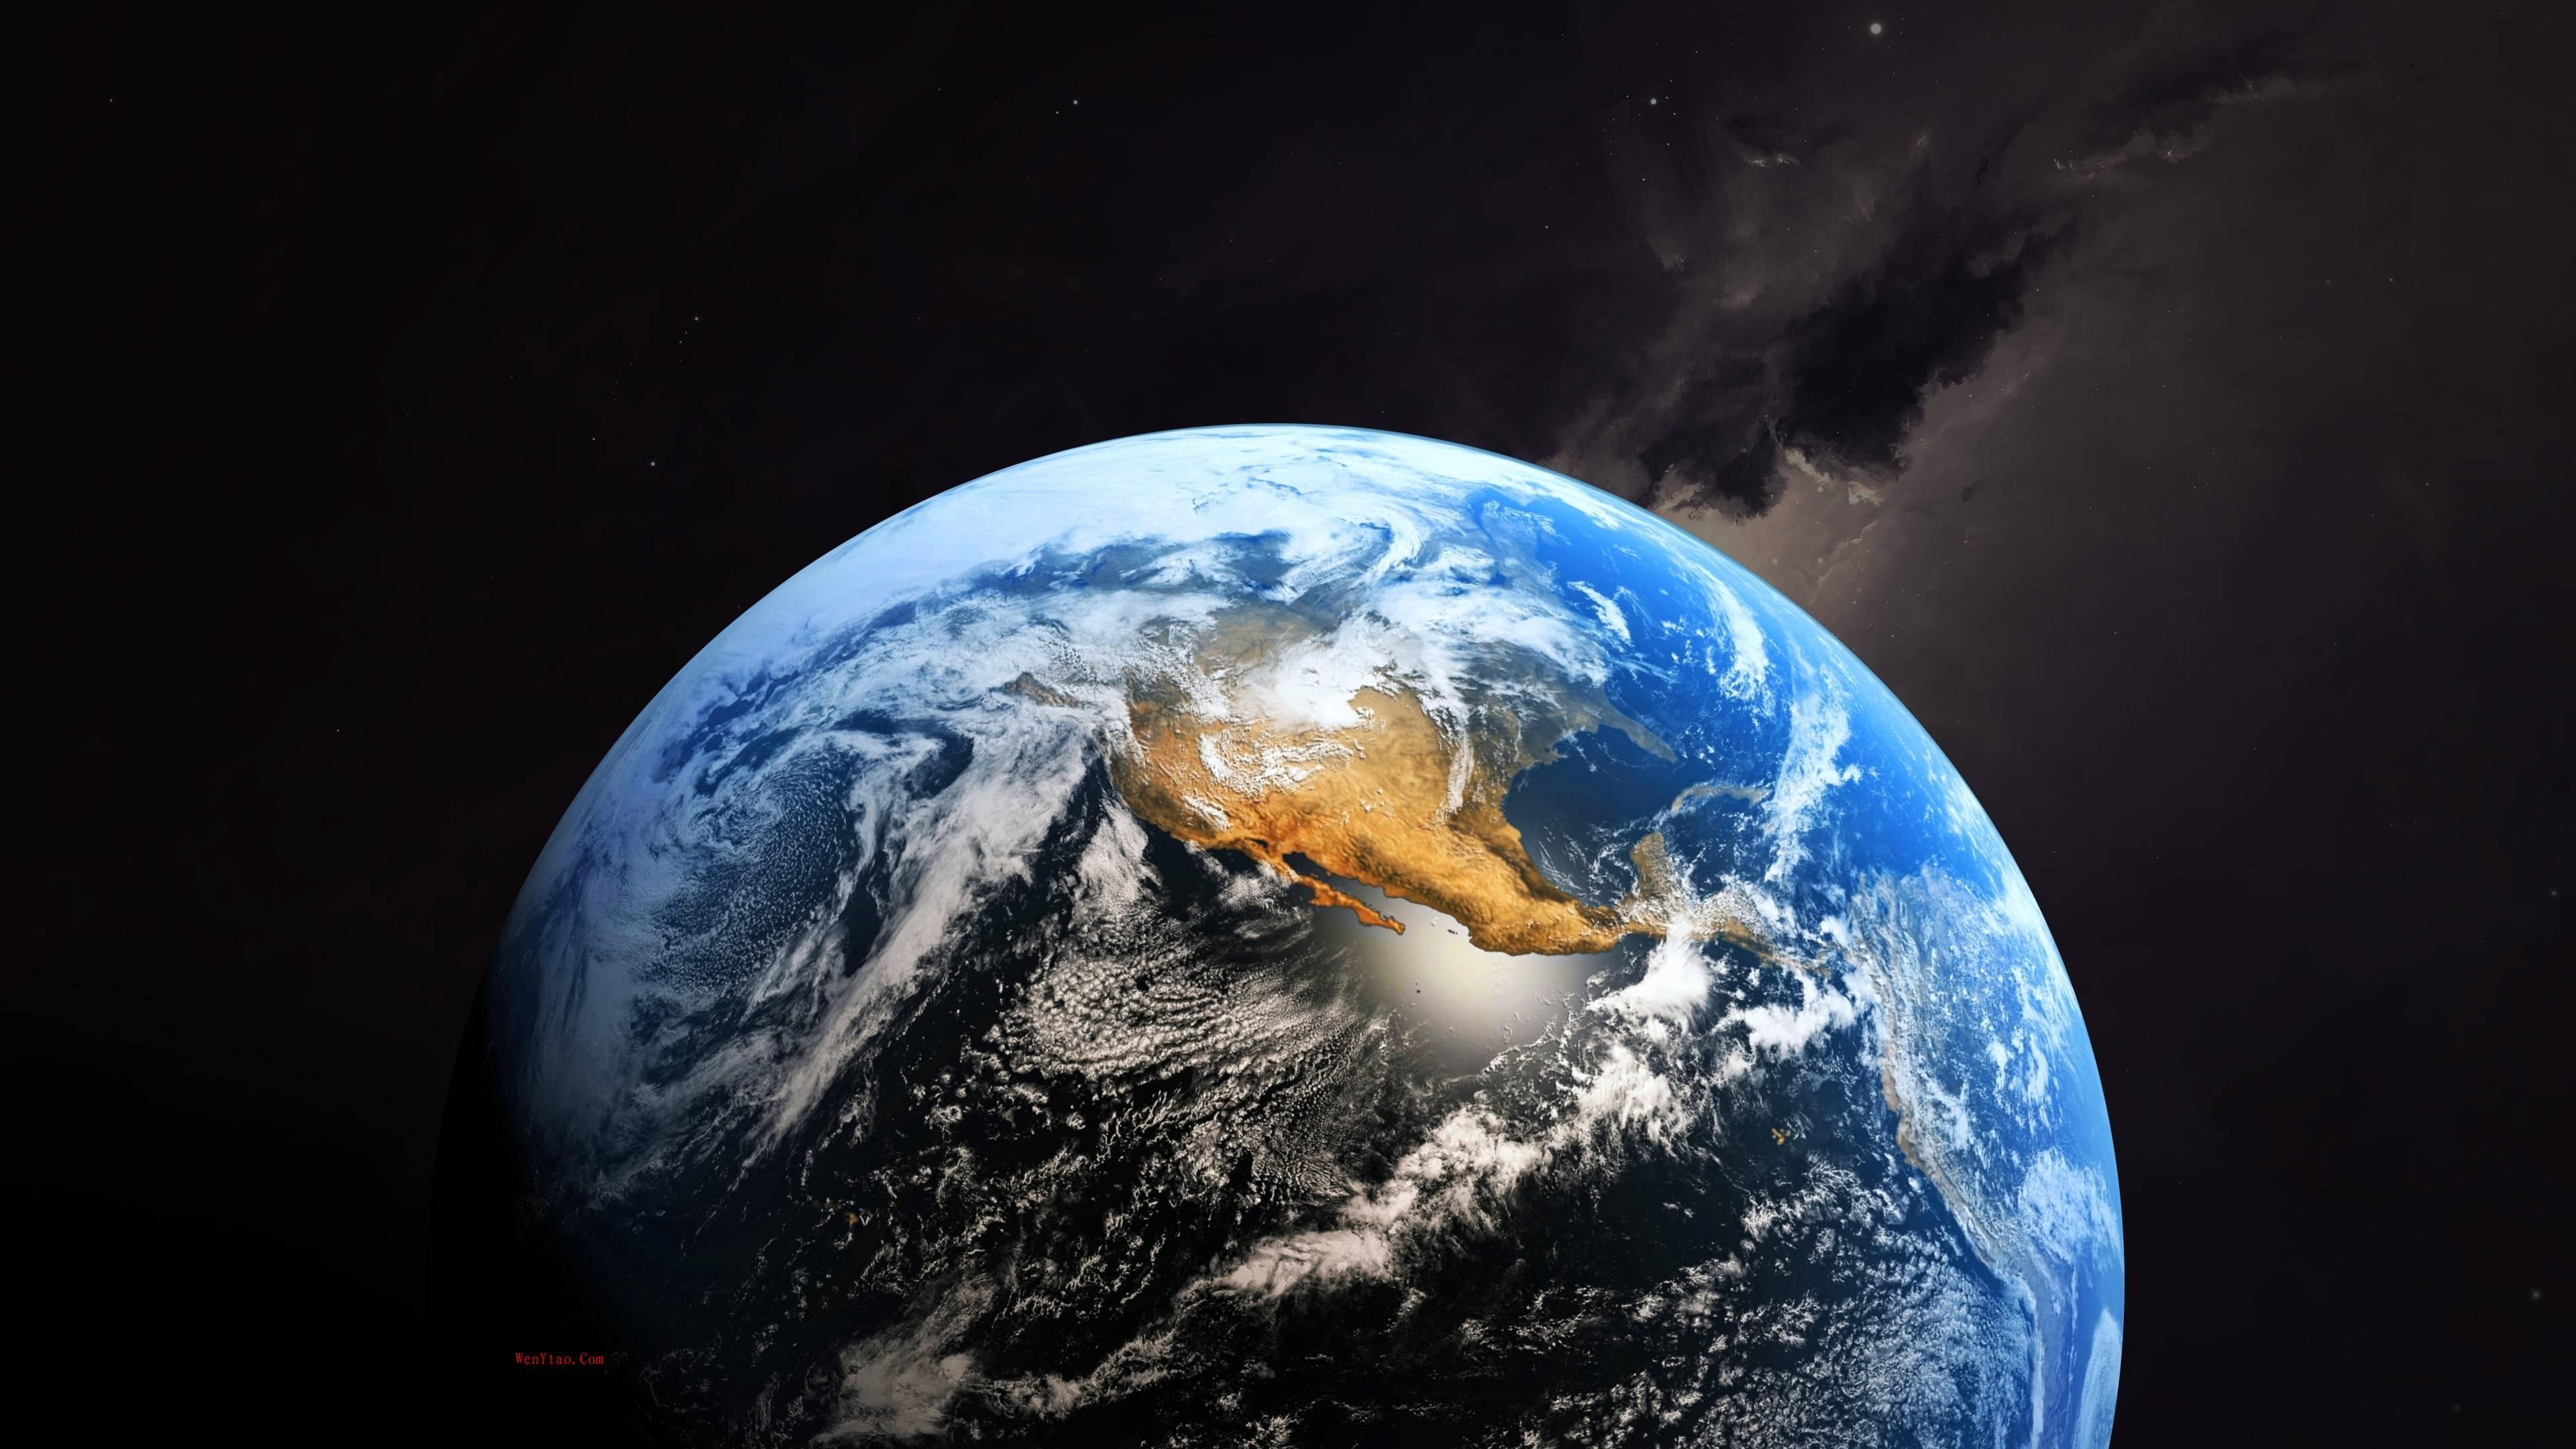 风景奇幻梦境山峰星空繁星云雾夜晚星空星球梦幻5k壁纸 风景 第16张